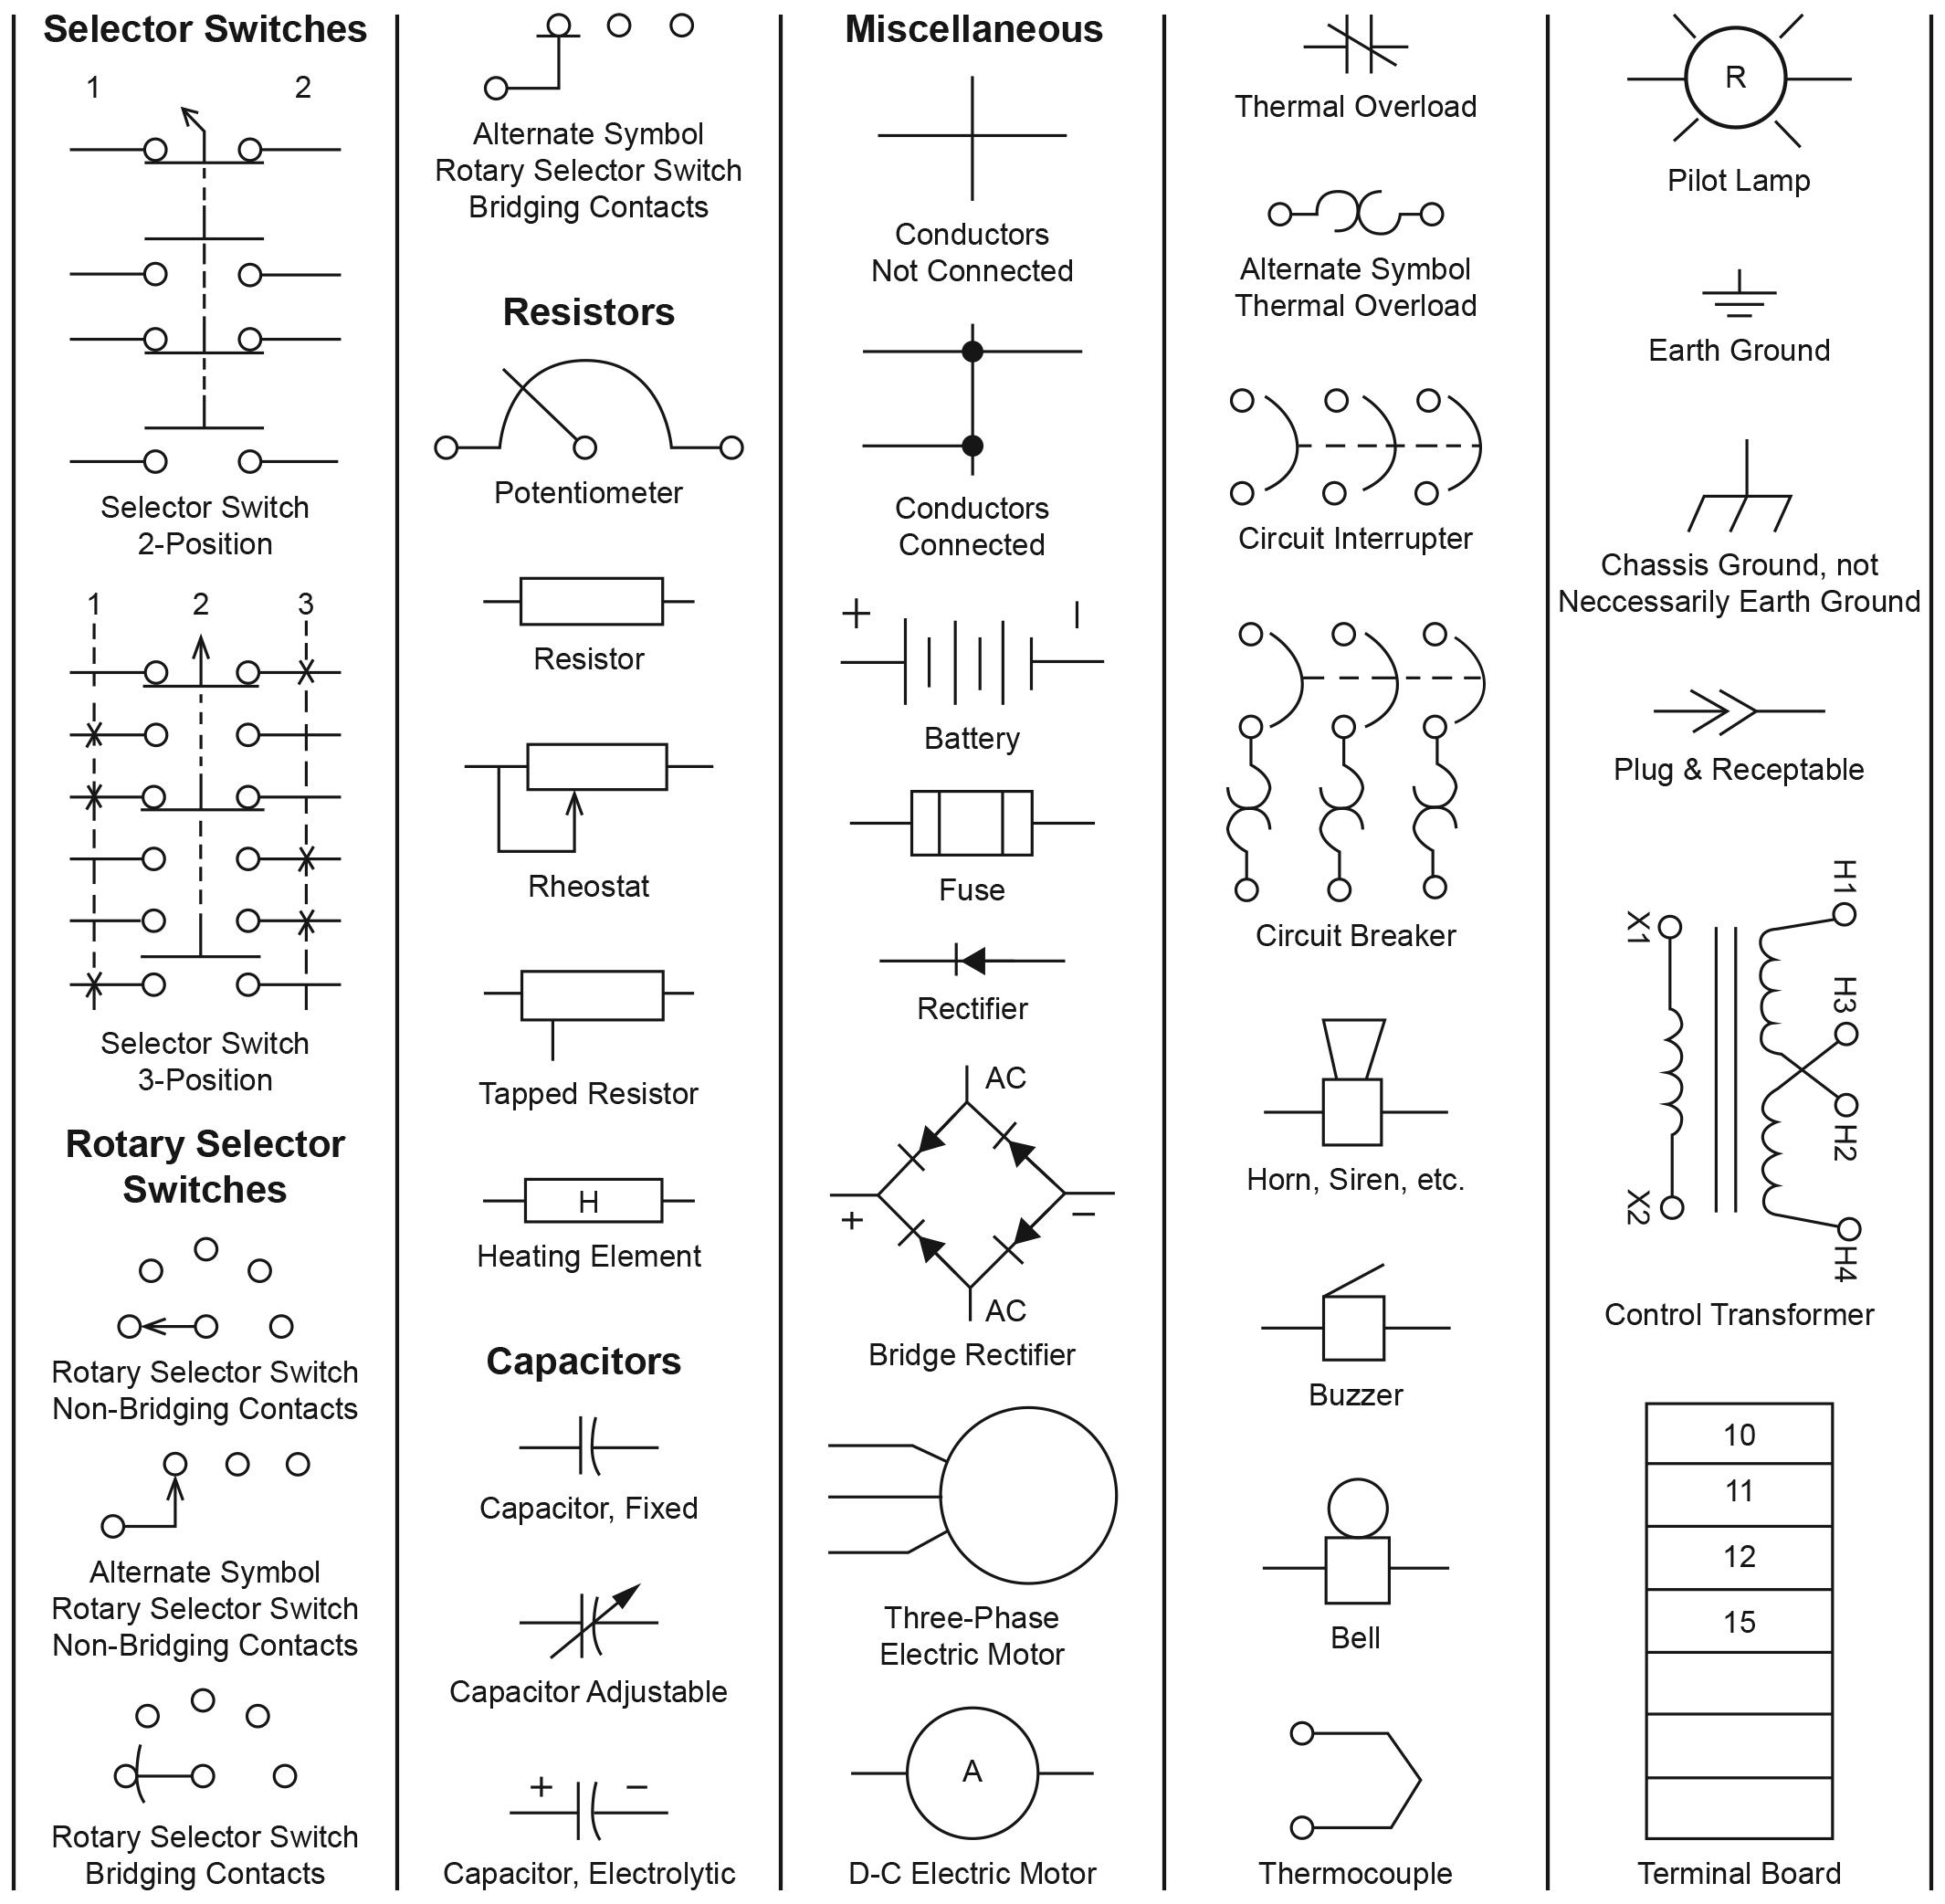 jic standard symbols for